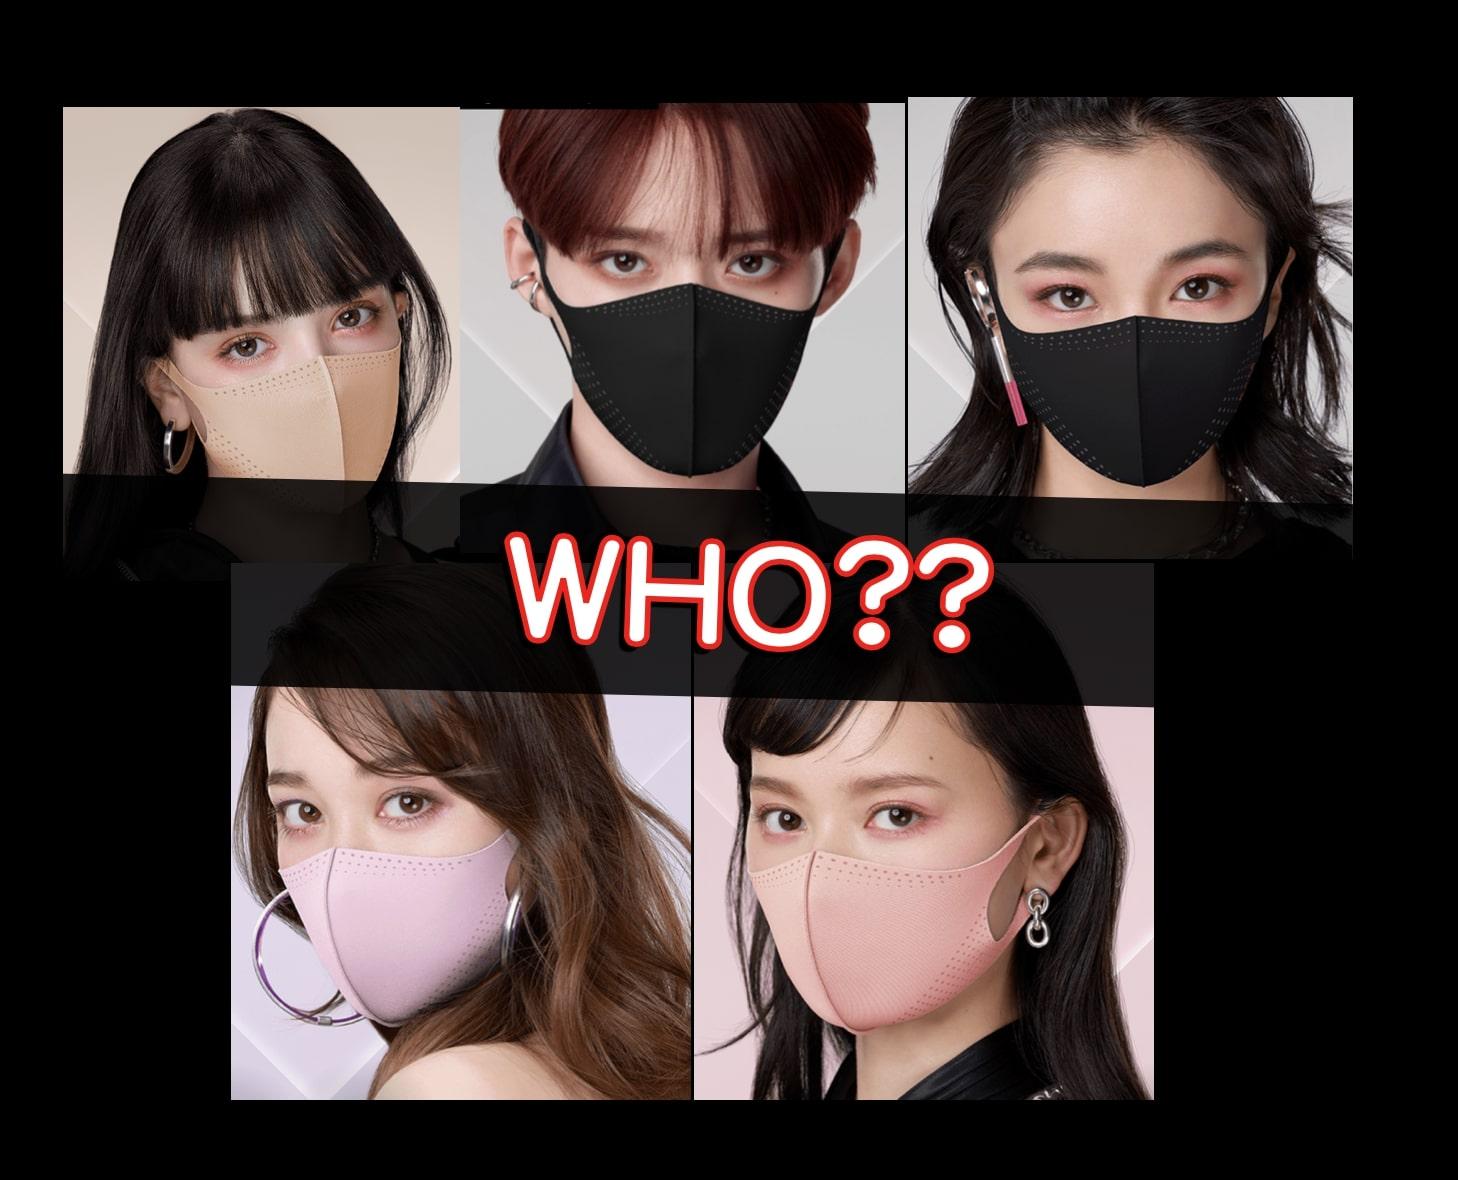 KATE(ケイト)小顔シルエットマスクⅡ のモデルは誰?名前やSNSを調査